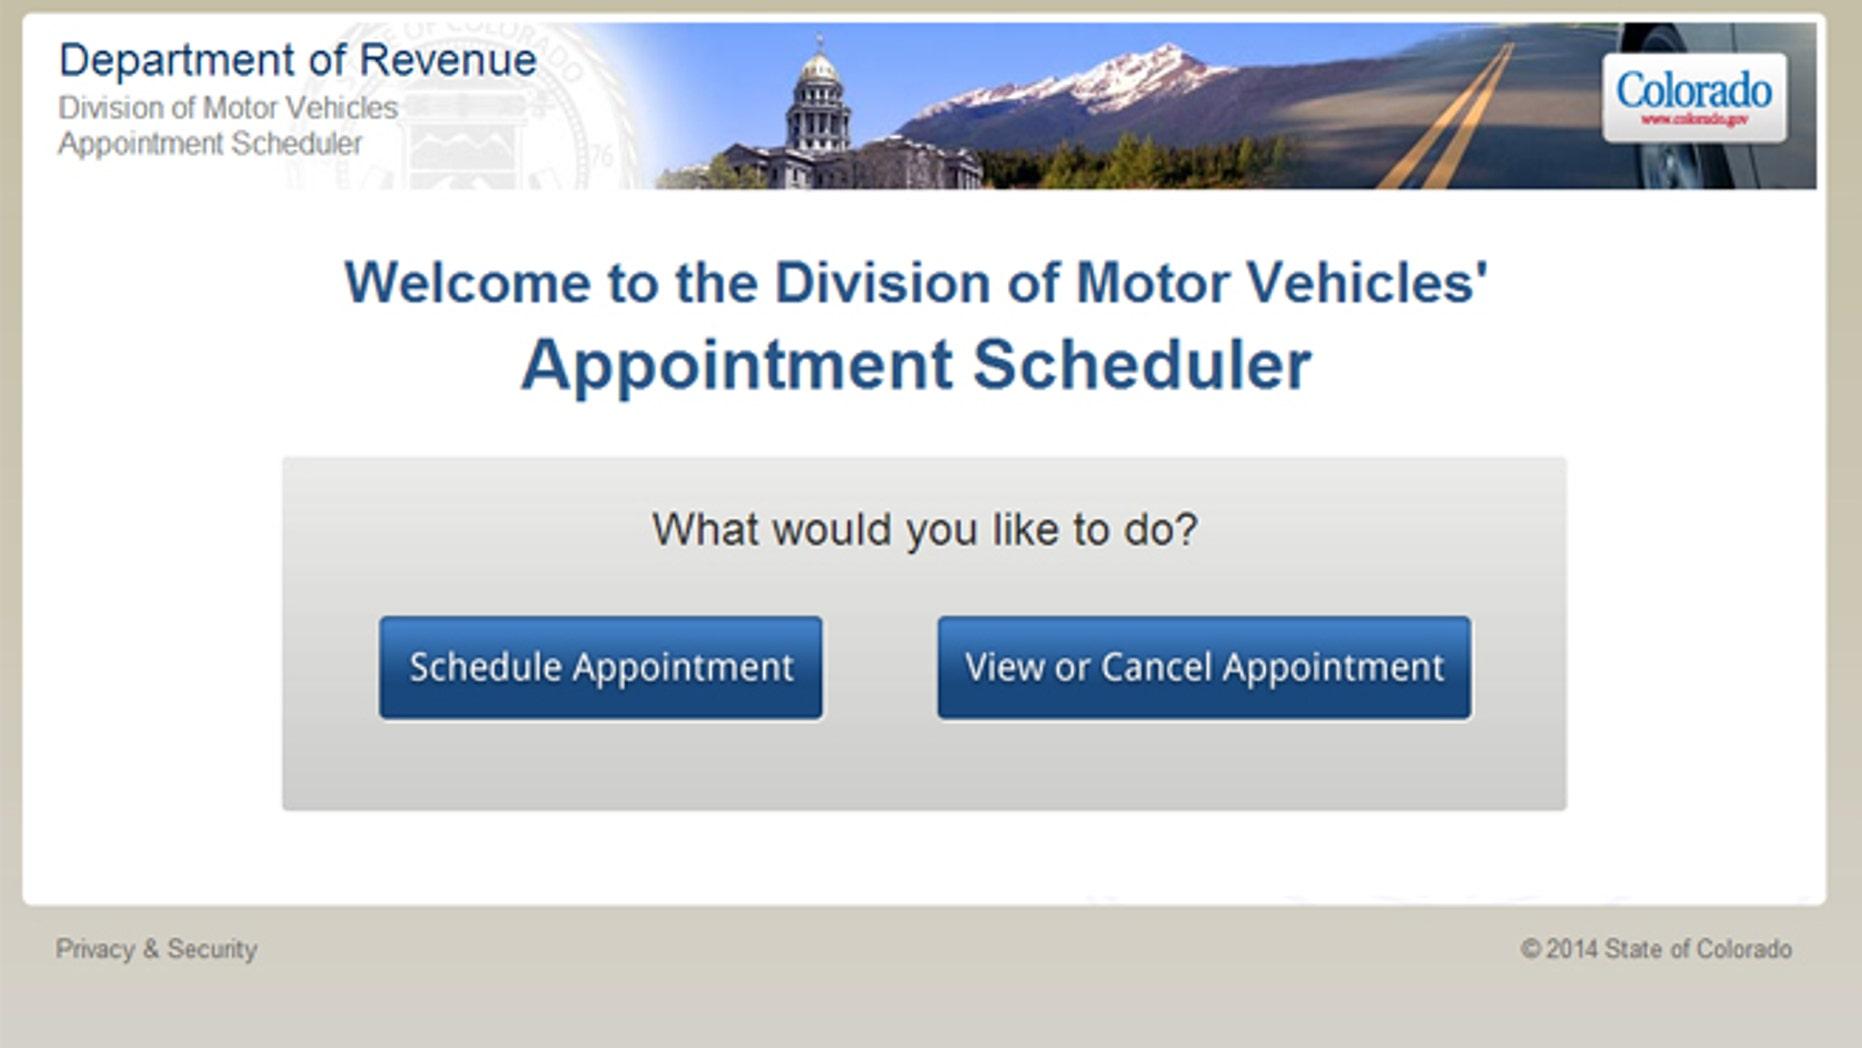 colorado's dmv website overwhelmed by non-citizen license requests